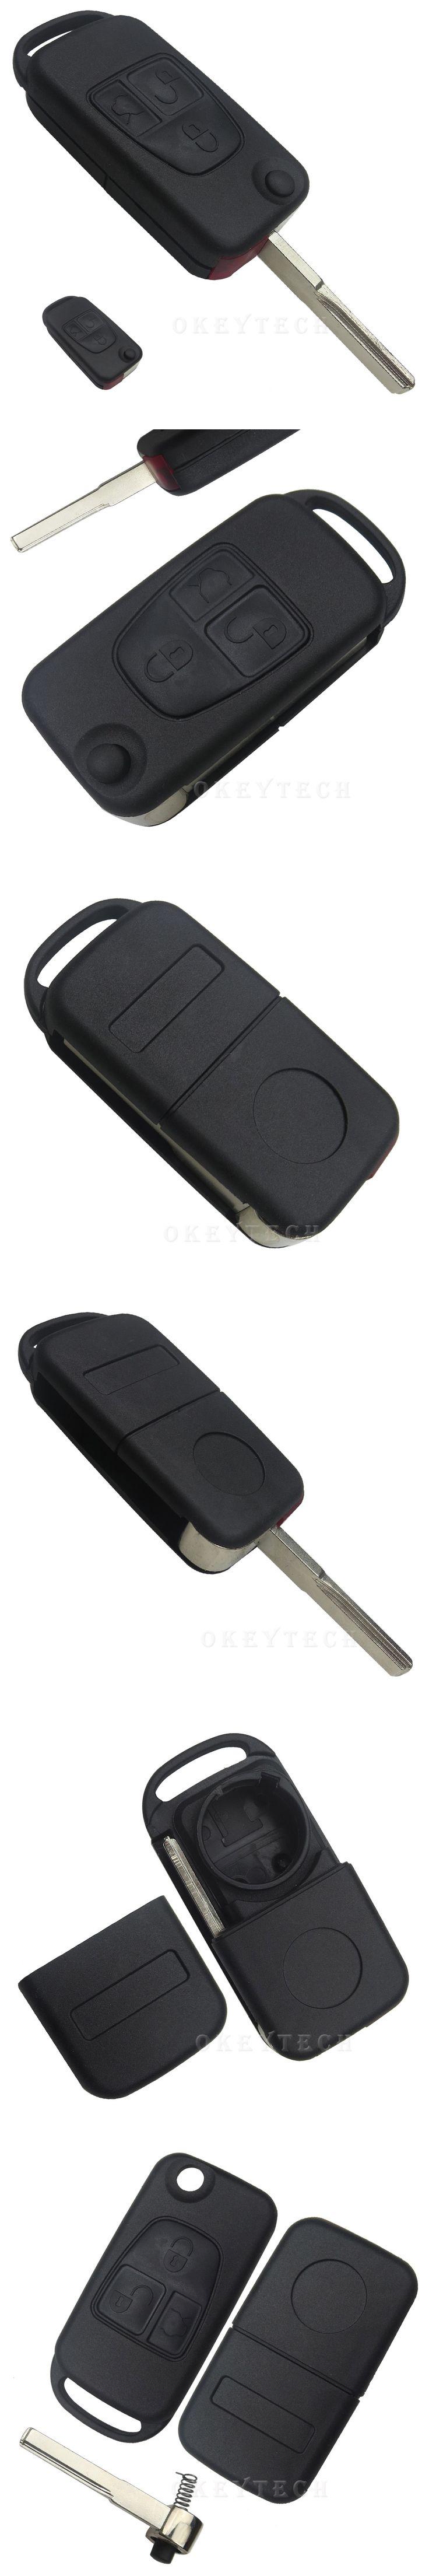 EKIY 3 Button Flip Folding Key Shell Case Fob For Mercedes Benz W168 W202 W203 ML A C E S W C S Class ML320 C230 ML430 Car Key